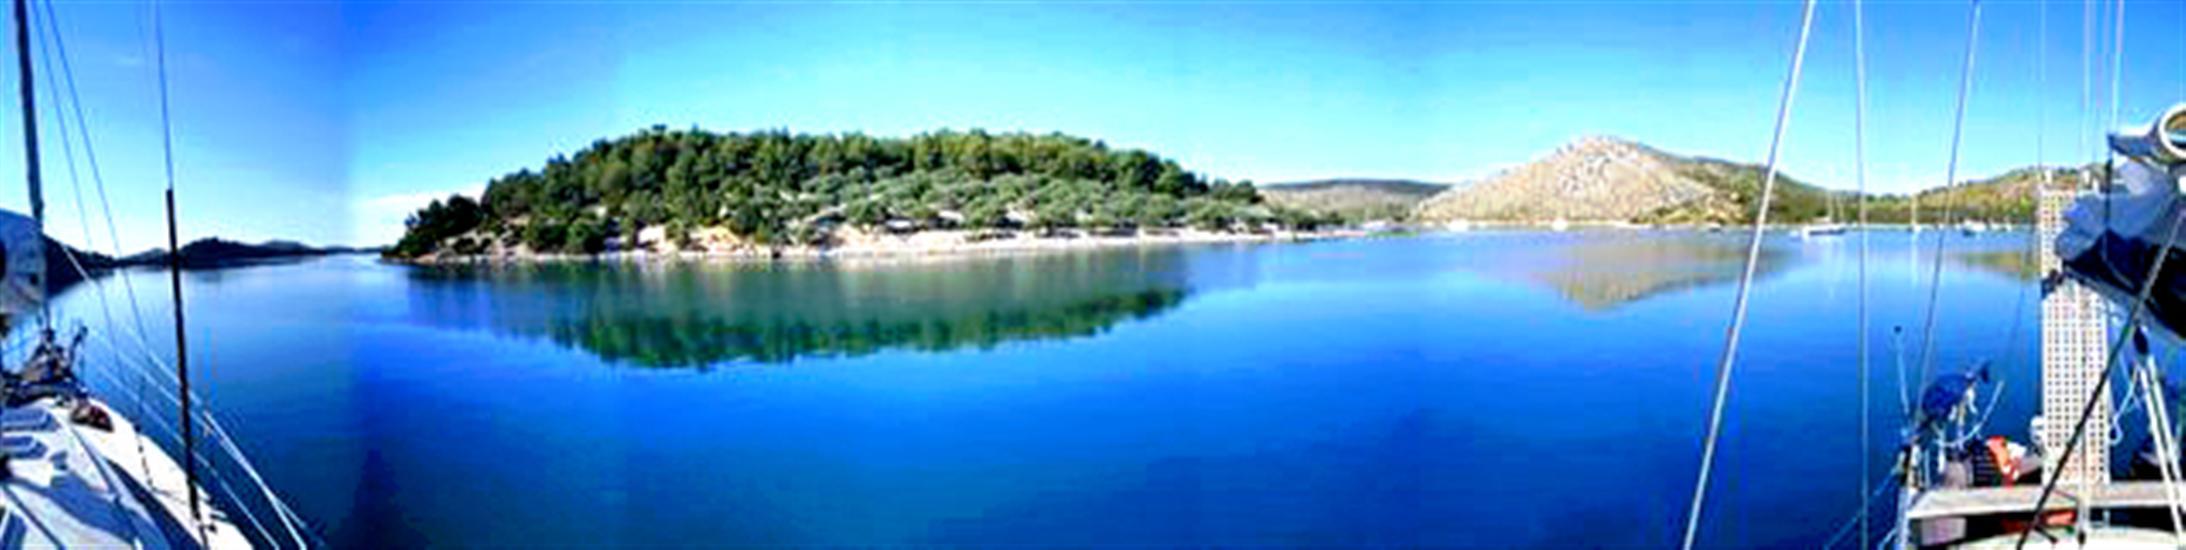 Telascica-Dugi-Otok-Dalmatia-Croatia